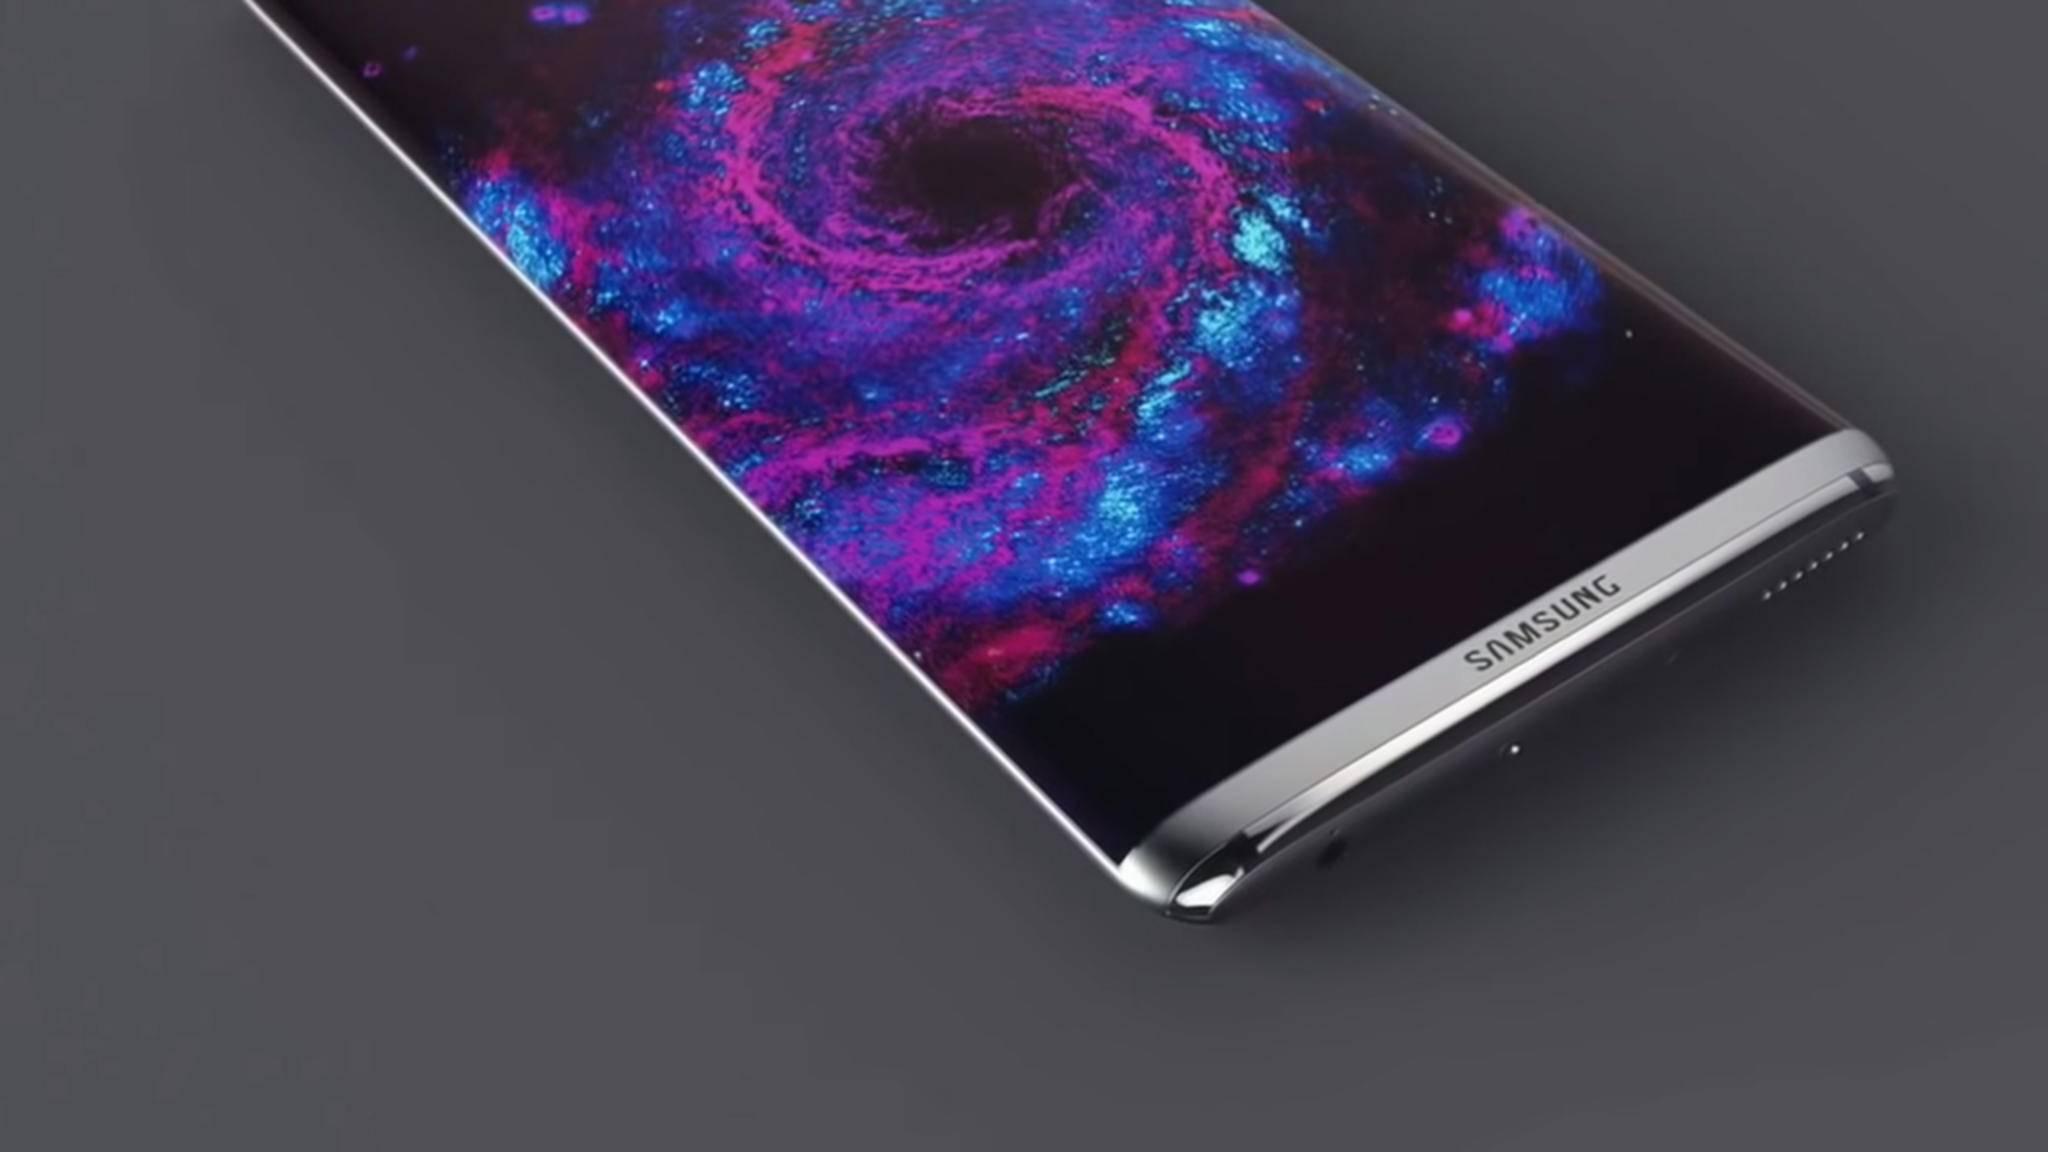 Wird es zum Verkaufsstart ausreichend Galaxy S8-Modelle geben?